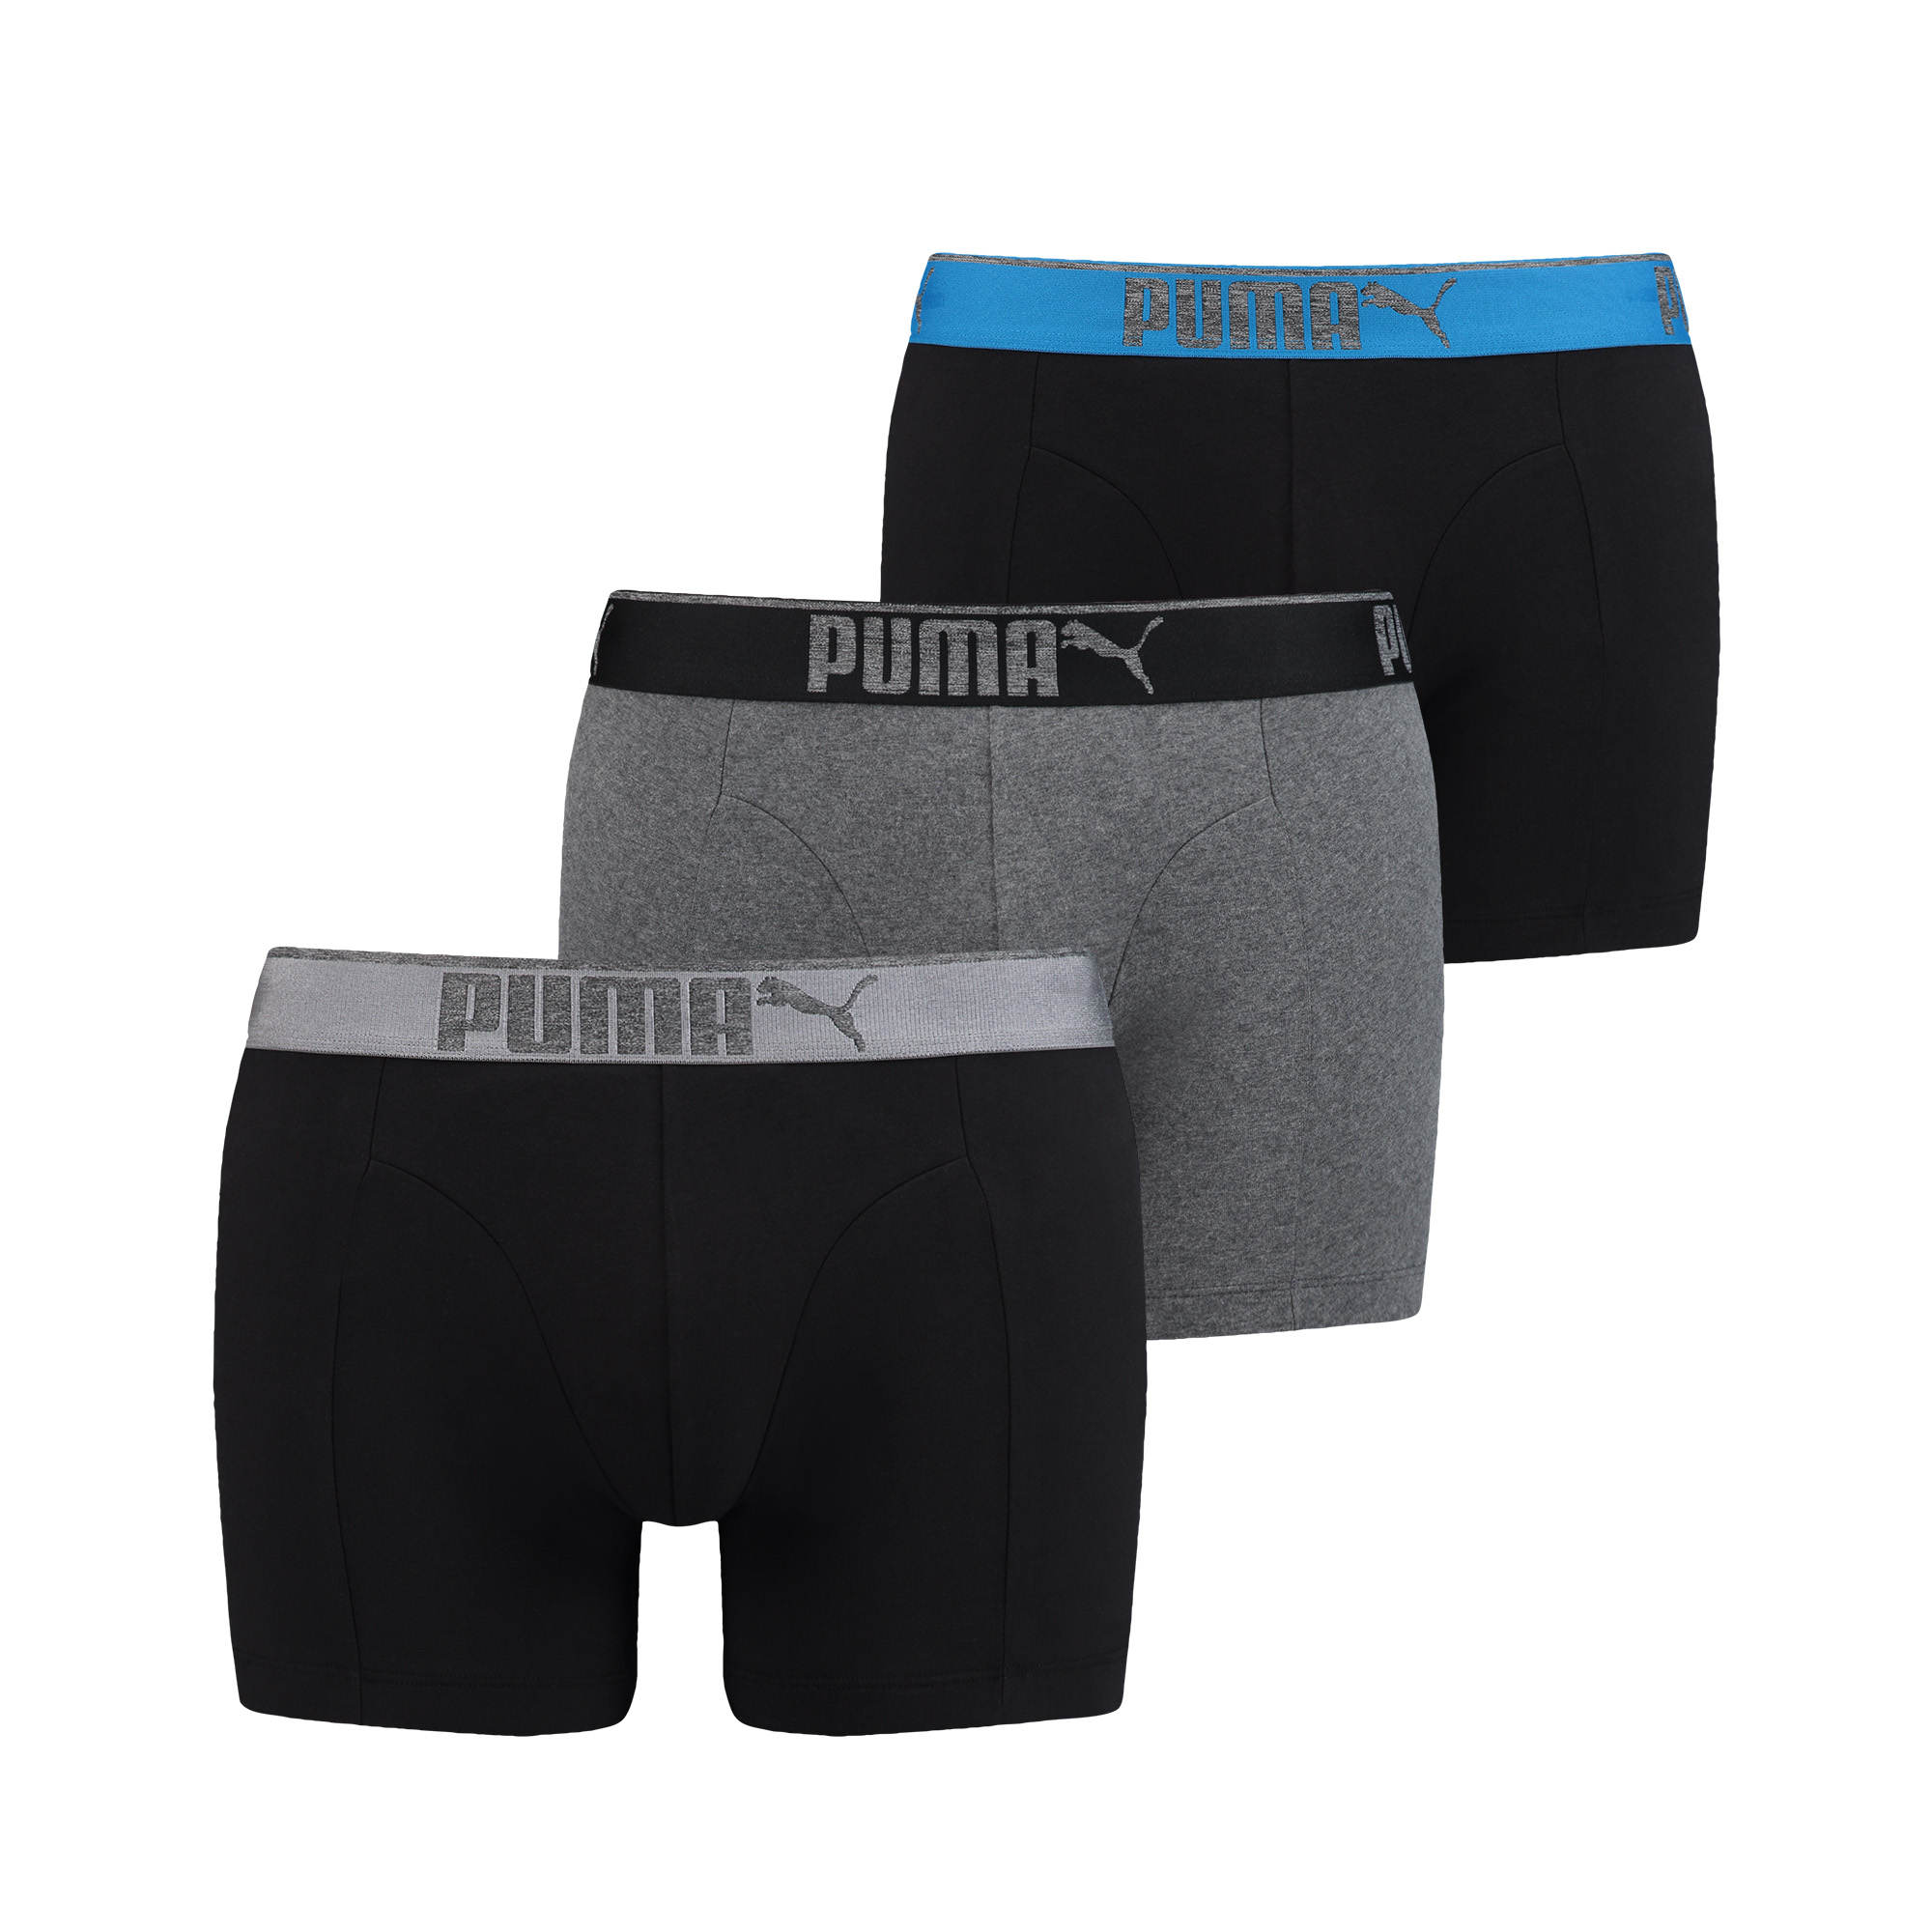 Puma Boxershorts Lifestyle Sueded Cotton Dark Grey Melange - Black